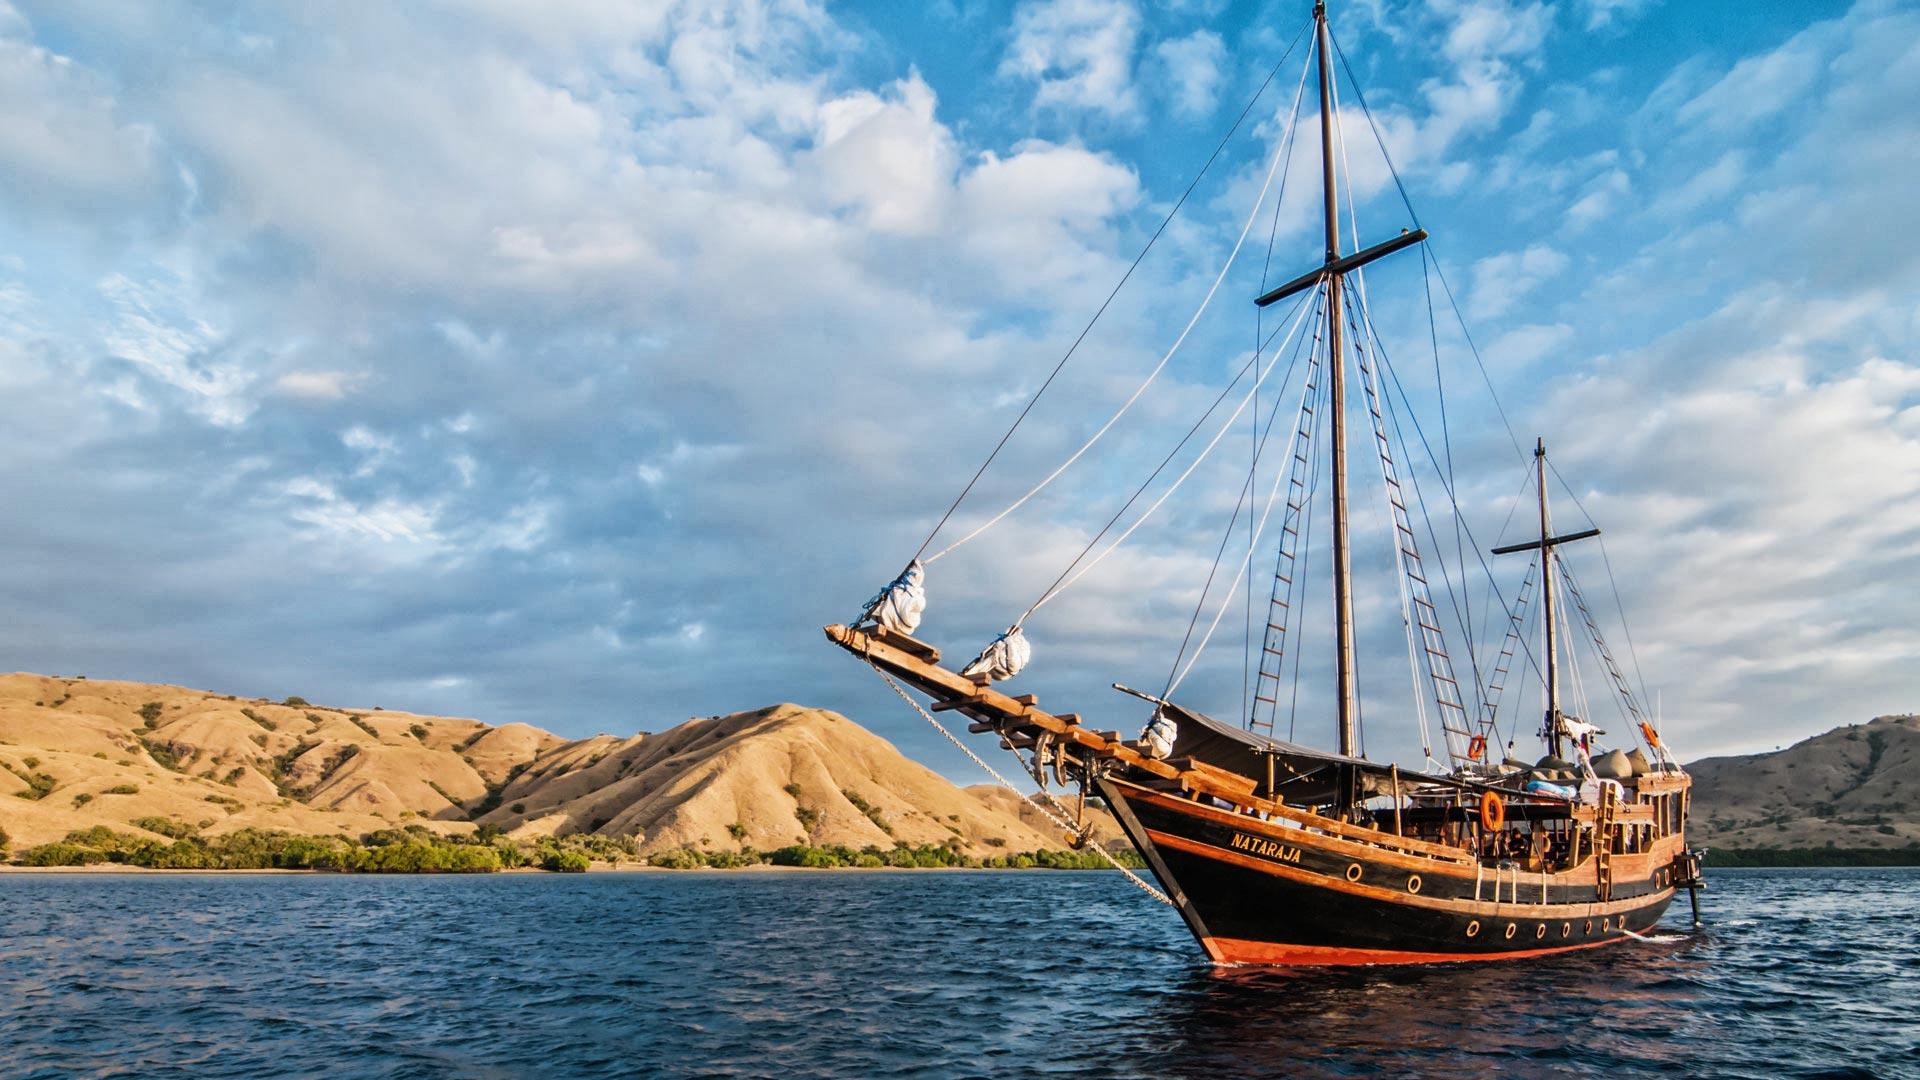 Indonesia cruise